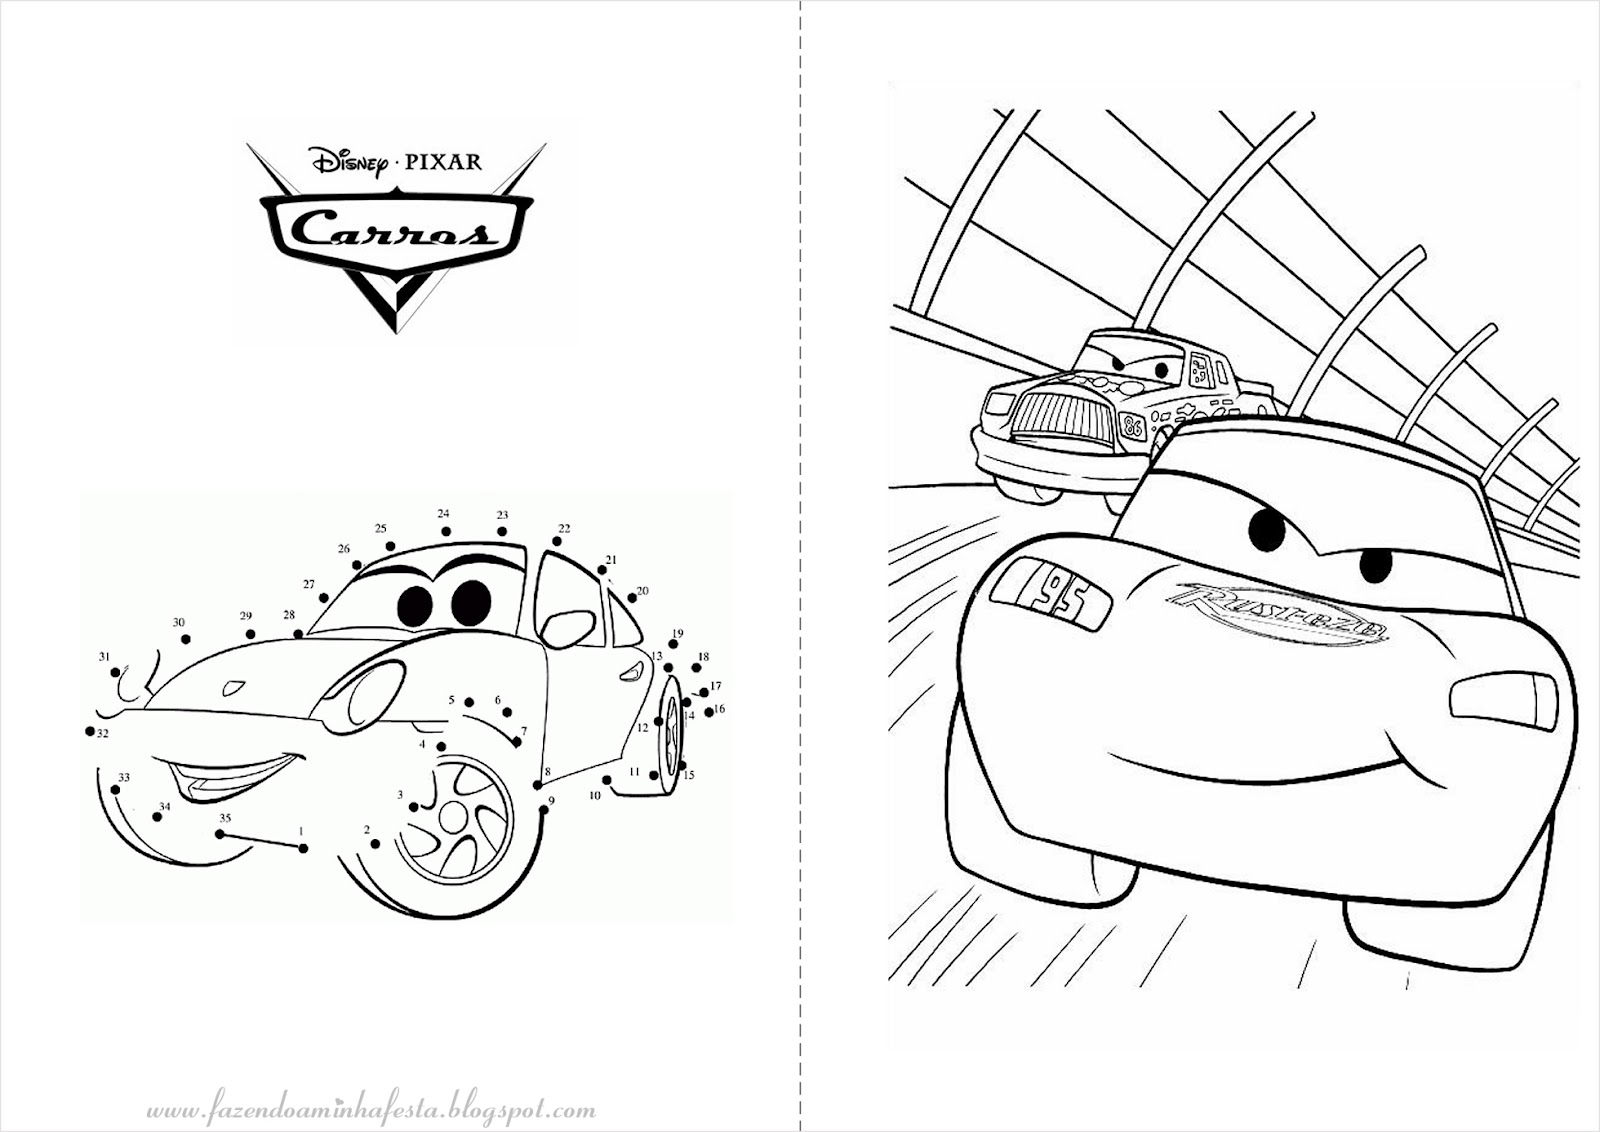 imagens para colorir e imprimir de carros - Desenhos Carros 2 para Imprimir e Colorir Educação Infantil